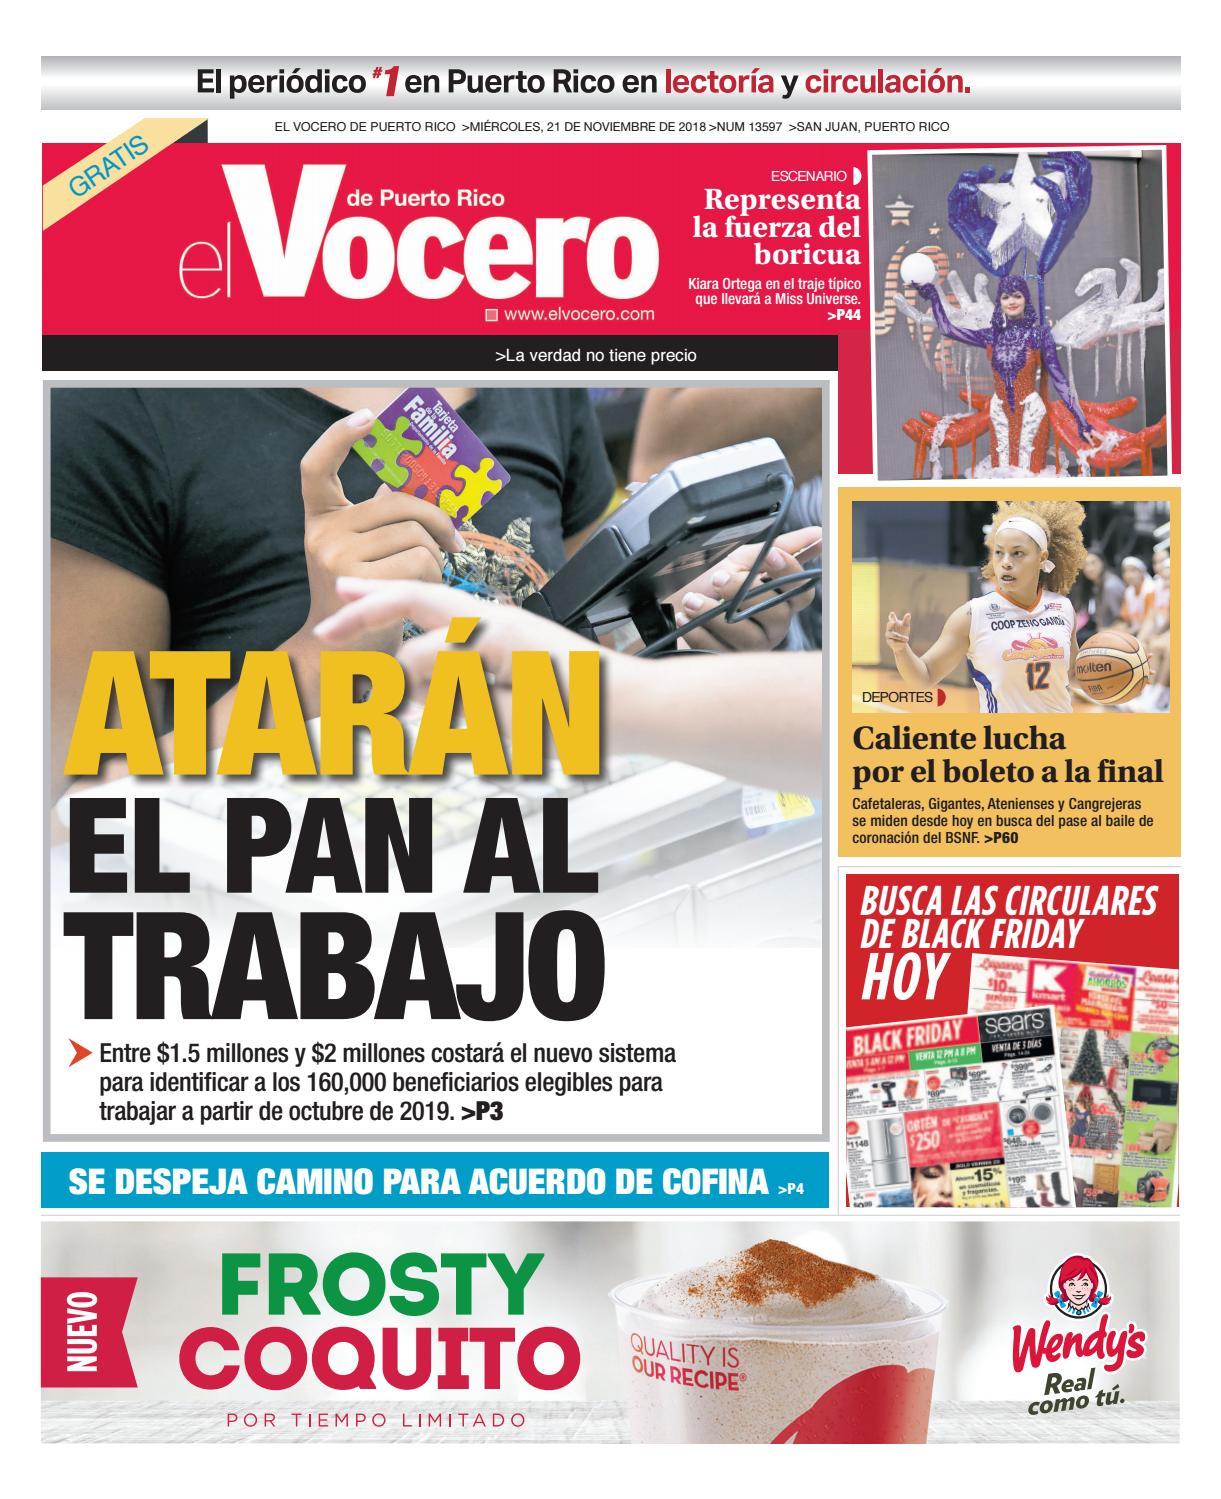 d05a10abc0 Edición del 21 de noviembre de 2018 by El Vocero de Puerto Rico - issuu